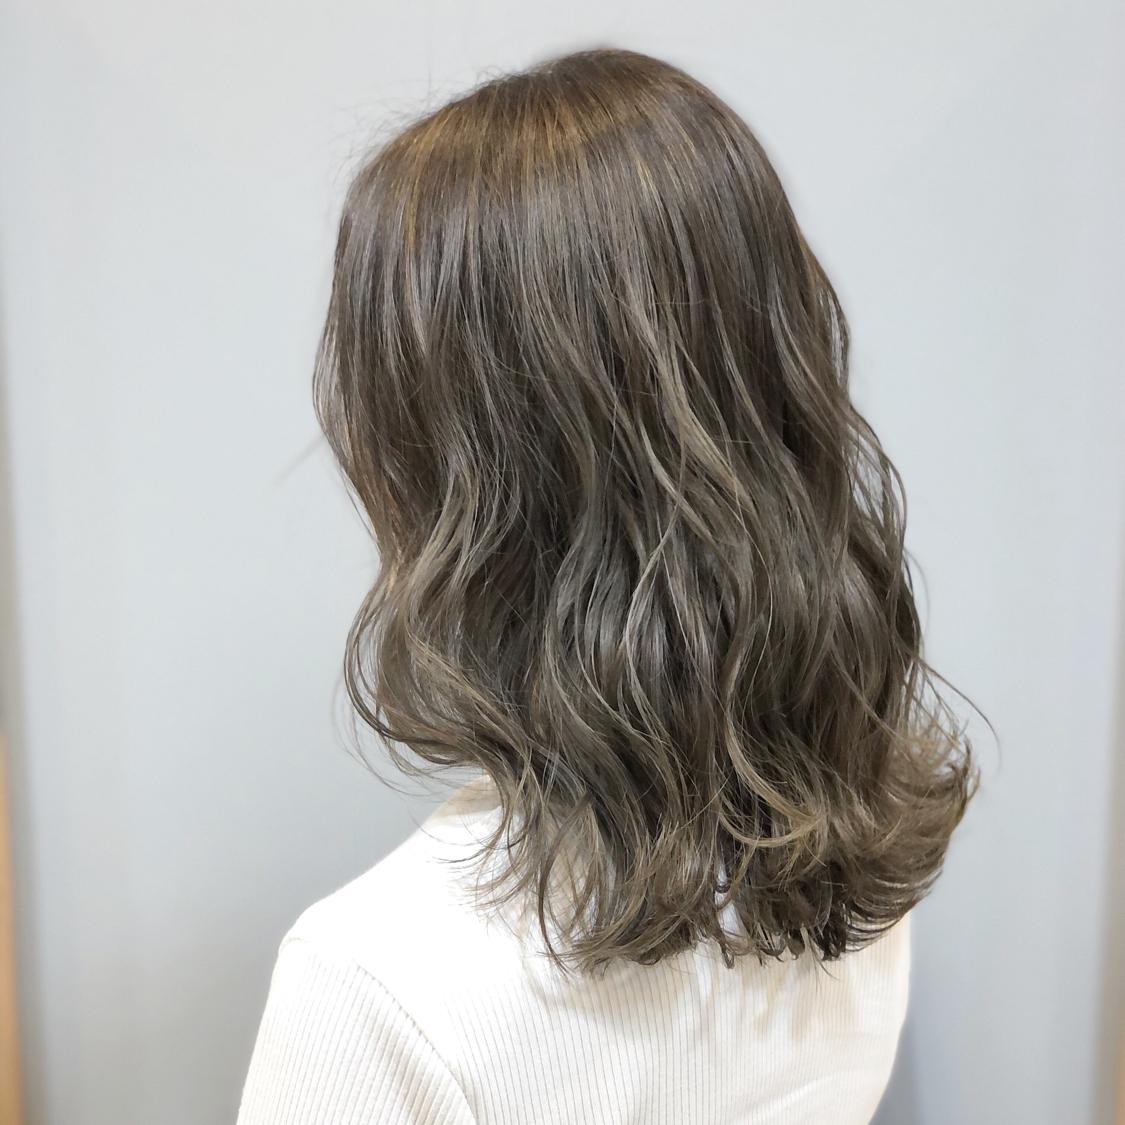 【アッシュグレージュcolor】 ハイライト入れました。  全体ブリーチだと髪へのダメージが心配で、色落ちの金髪も気になる方が多いと思います。 でも透明感欲しくて、綺麗な色やしたい色はブリーチ使用してる事が多いので、今回はハイライトを全体に入れて理想的な透明感あるアッシュグレージュを実現!  一度ハイライト入れてたら 毎回ハイライトしなくても履歴あればワンカラーで何度か楽しめるのでオススメです^ ^  仕上げは26㍉で波&mix。  haircolor#アッシュベージュ #グレージュカラー #アッシュカラー#エヌドット #撮影#ヘアスタイル#ヘアカタログ#ヘアアレンジ#アレンジ#波ウェーブ#外国人風ヘアカラー #ヘアセット#ヘアメイク#ファッション#ゆる巻き#巻き髪#外国人風 #撮影モデル募集 #モテ髪#岡山美容室#岡山美容師#美容室MICHI#古作蓮#外国人風ヘアカラー#サロンモデル #サロンスタイル #ハイライトカラー #アッシュグレー #hairset